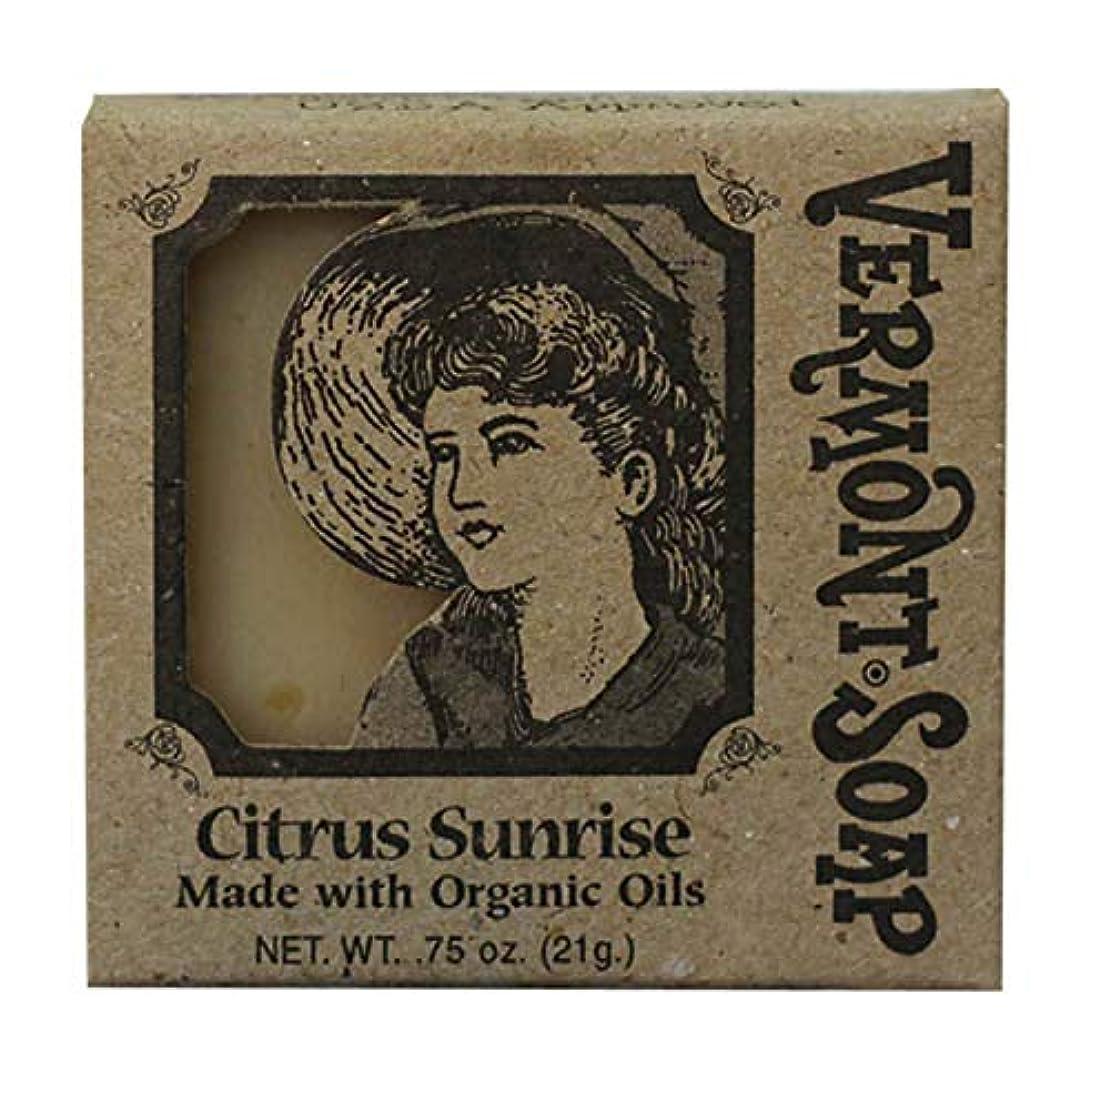 コインエスカレーターテザーバーモントソープ トラベル用 (シトラスサンライズ) オーガニック石鹸 洗顔 21g